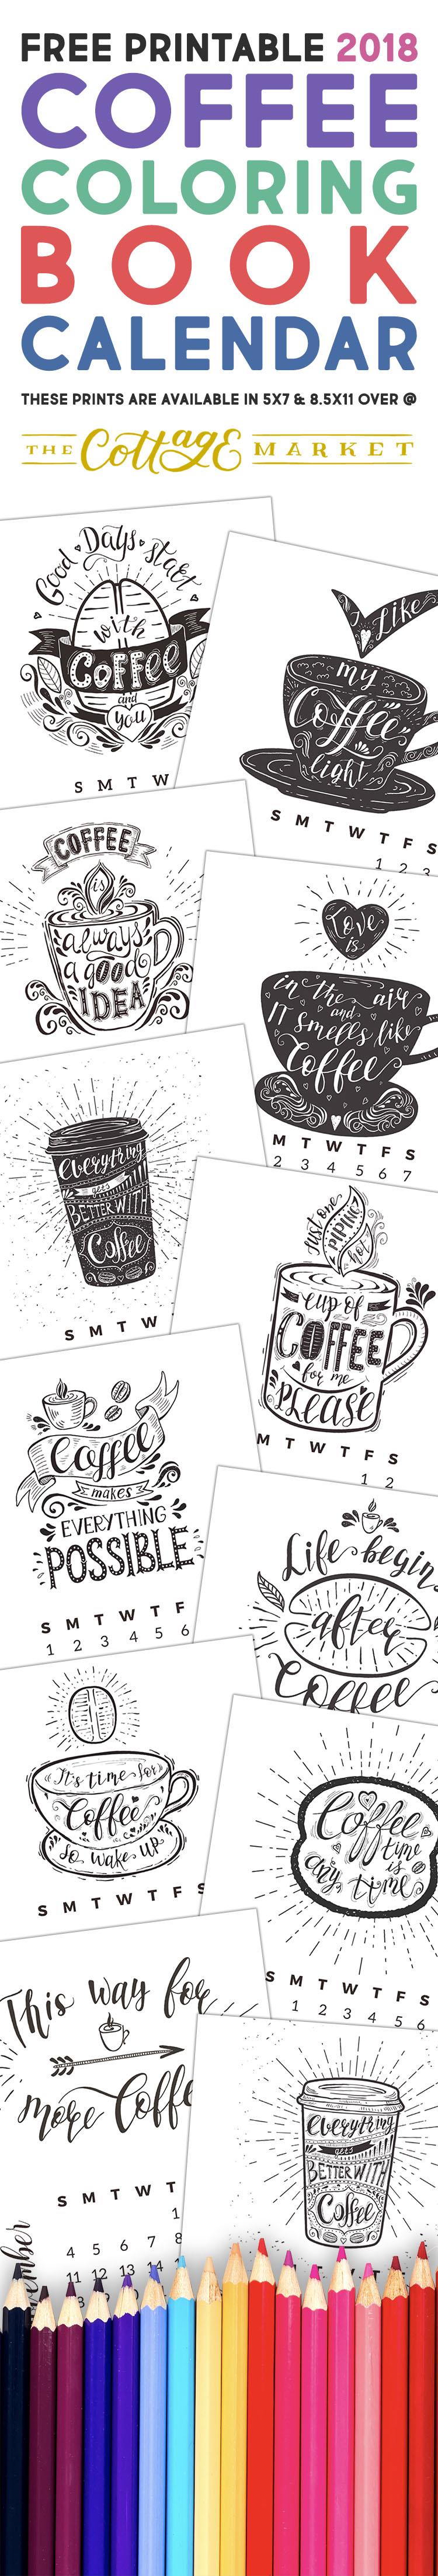 Calendar Book 2018 : Free printable coffee coloring book calendar the